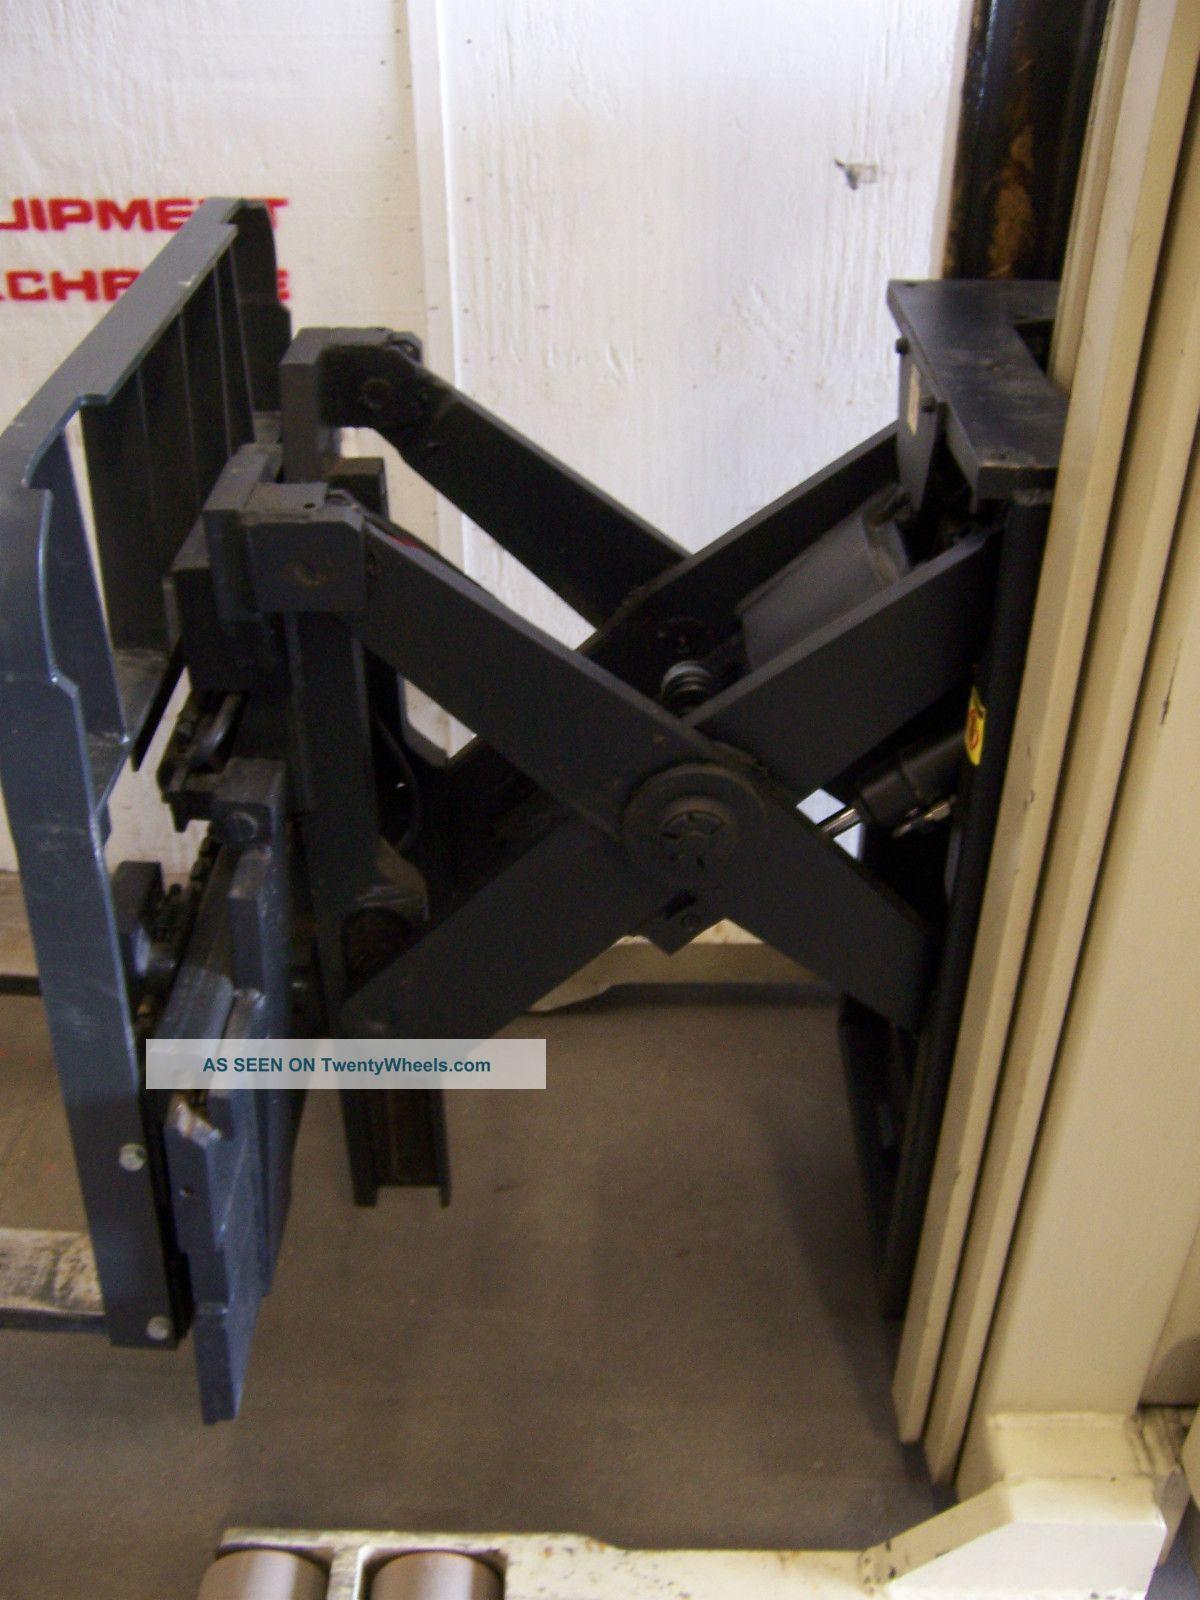 Four Way Side Loader Forklift Mitsubishi Rbm2025k Series: 7138 Crown Stand Up Reach Fork Lift W/ Side Shift & Tilt